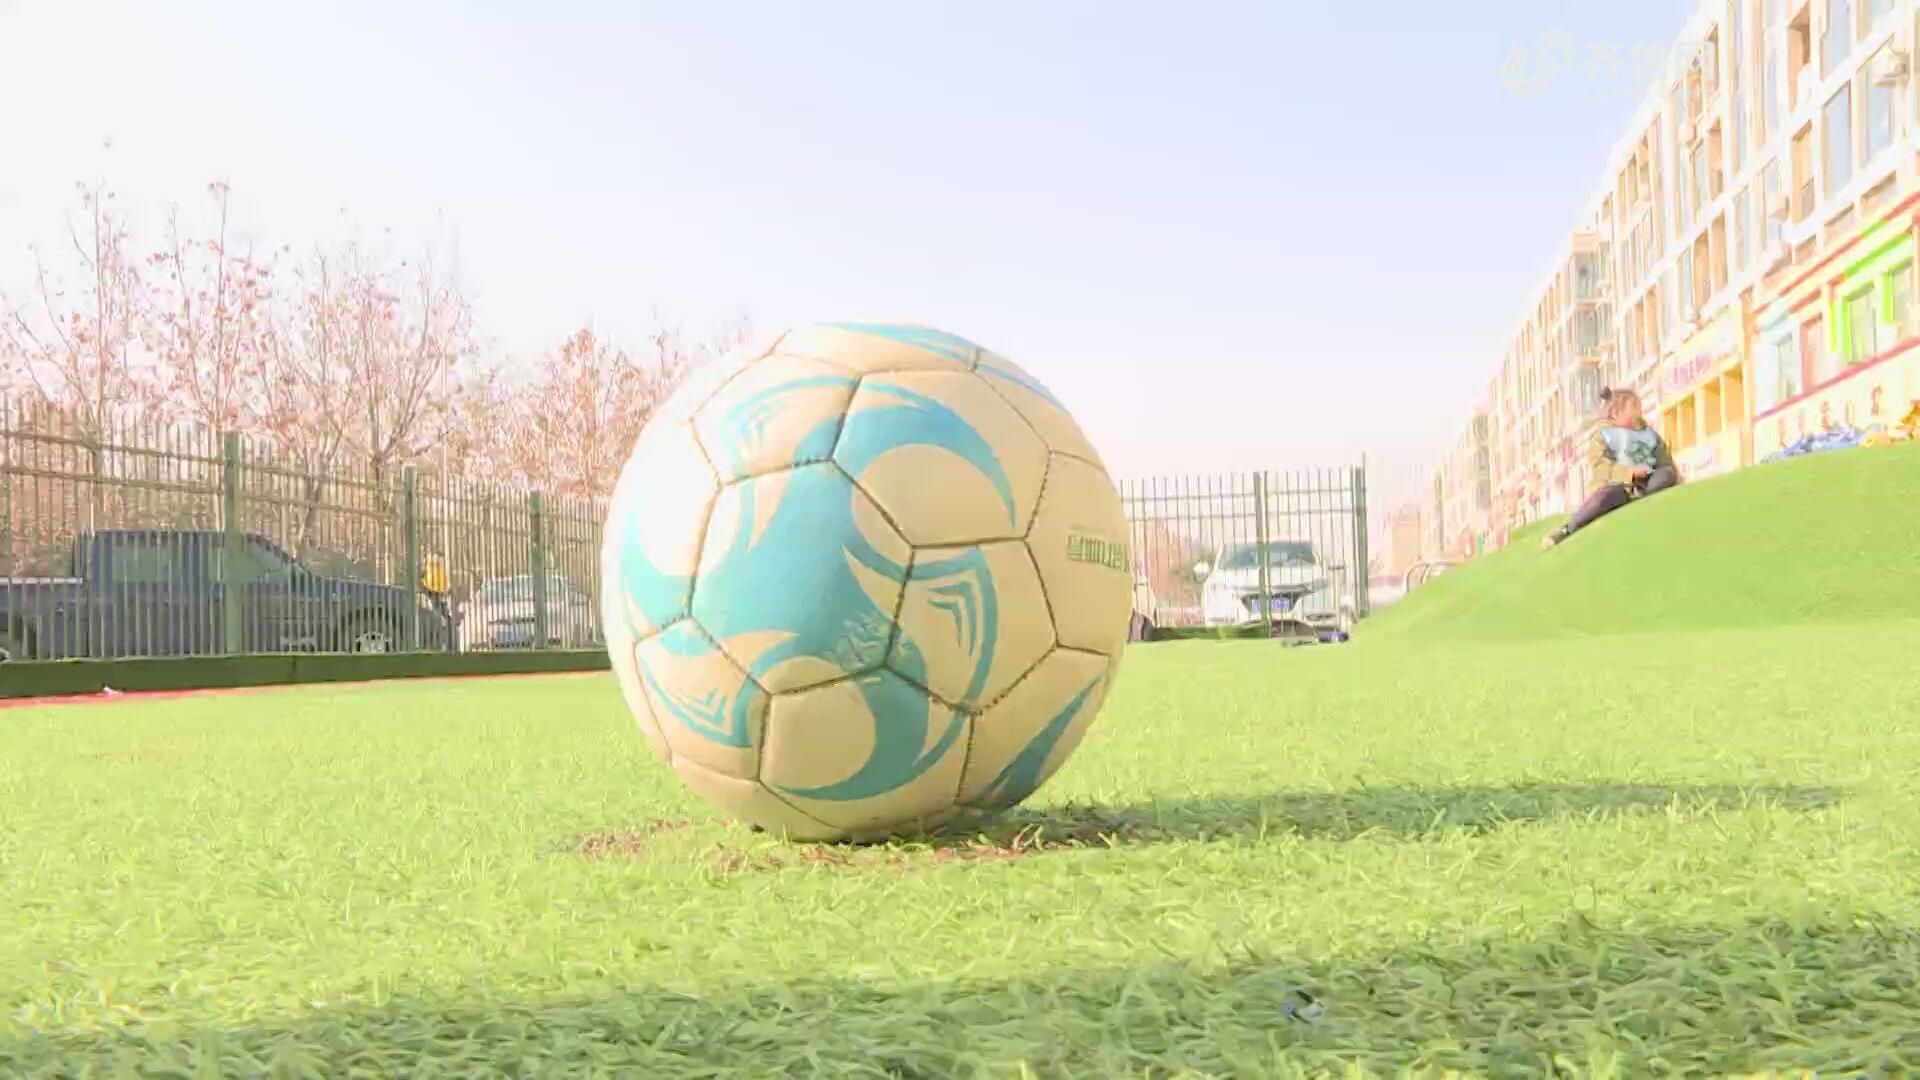 最具活力的健身组织:启九体育踢出少儿足球新天地